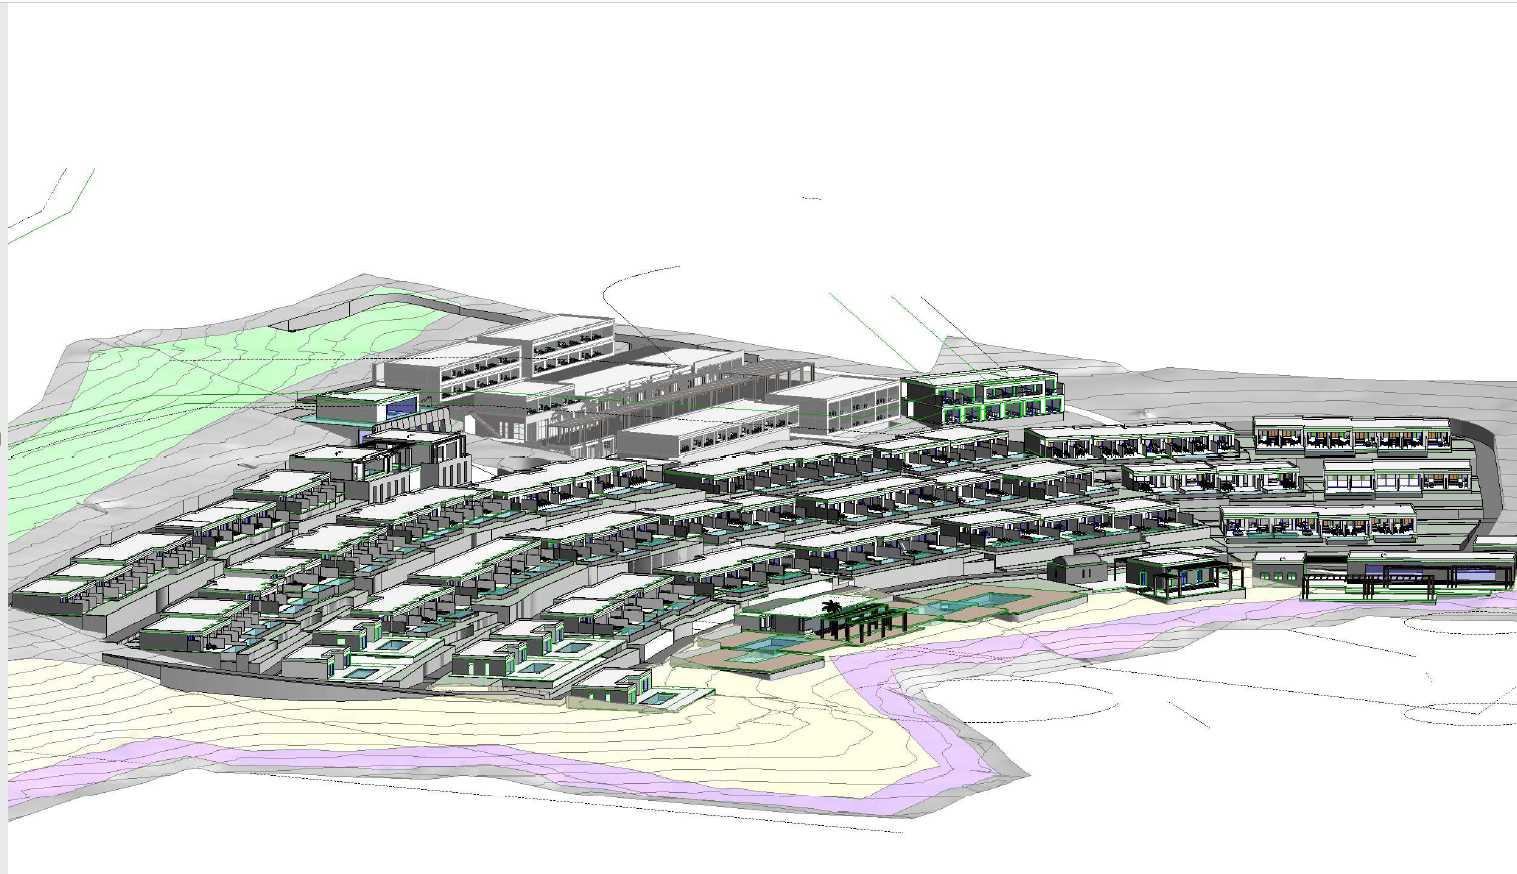 Επενδύσεις: Πράσινο «φως» σε ξενοδοχείο 5* στο Μπαλί Κρήτης και επενδύσεις στα αεροδρόμια Μυκόνου και Θεσσαλονίκης